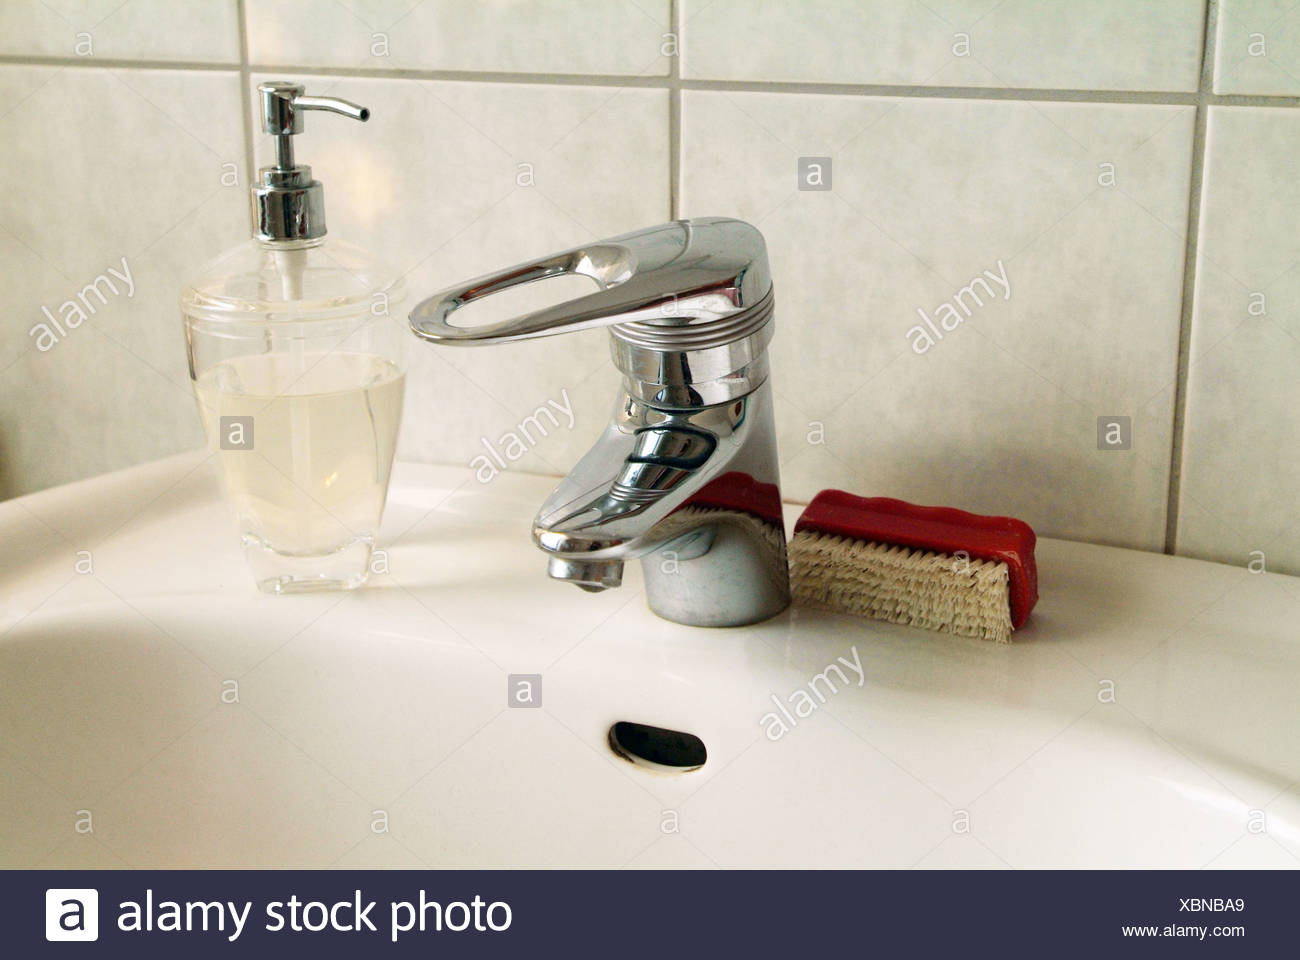 Hamburg-Waschbecken im Badezimmer Stockfoto, Bild: 282597009 - Alamy